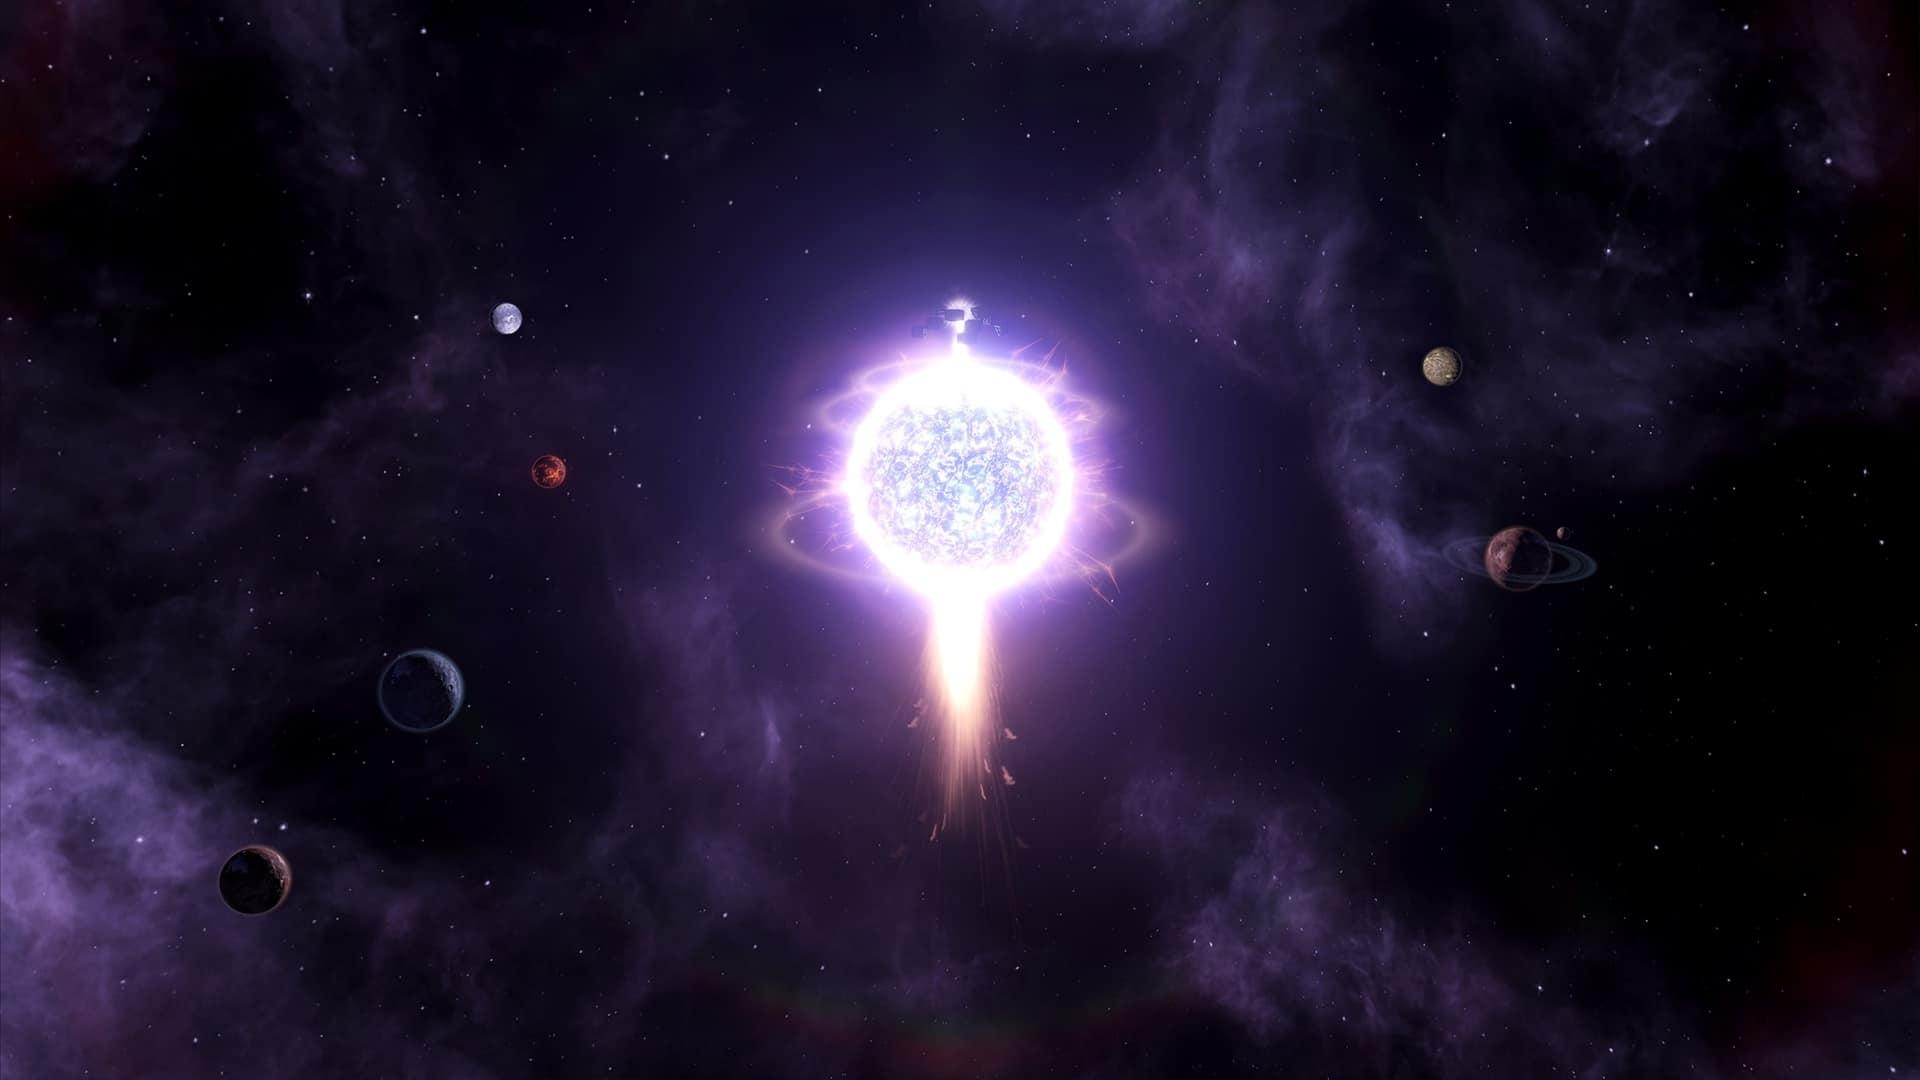 Stellaris-Nemesis-Ab-heute-haben-Spieler-die-Wahl-zwischen-Chaos-und-Ordnung